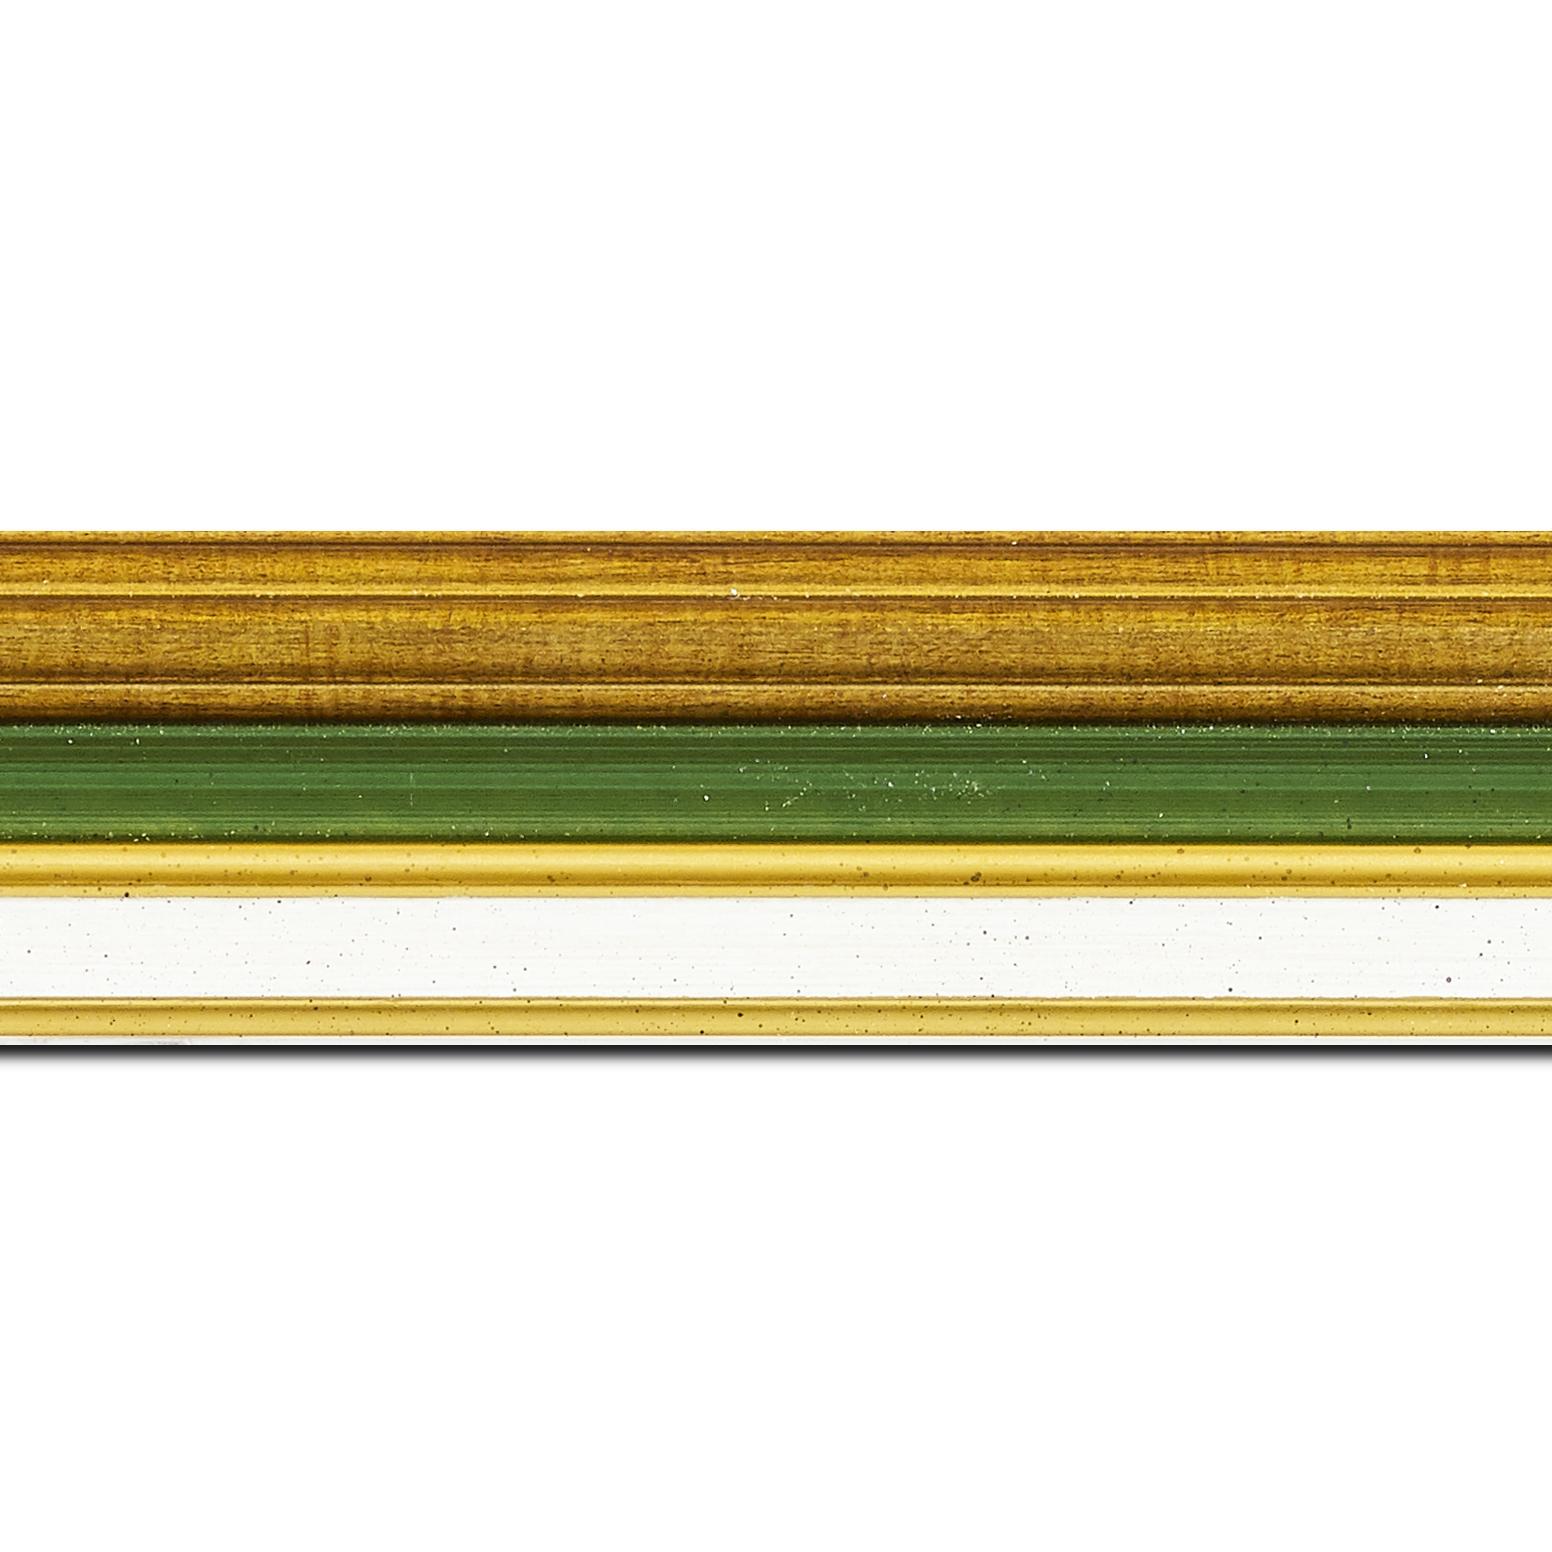 Pack par 12m, bois largeur 5.2cm or gorge verte  marie louise crème filet or intégrée(longueur baguette pouvant varier entre 2.40m et 3m selon arrivage des bois)